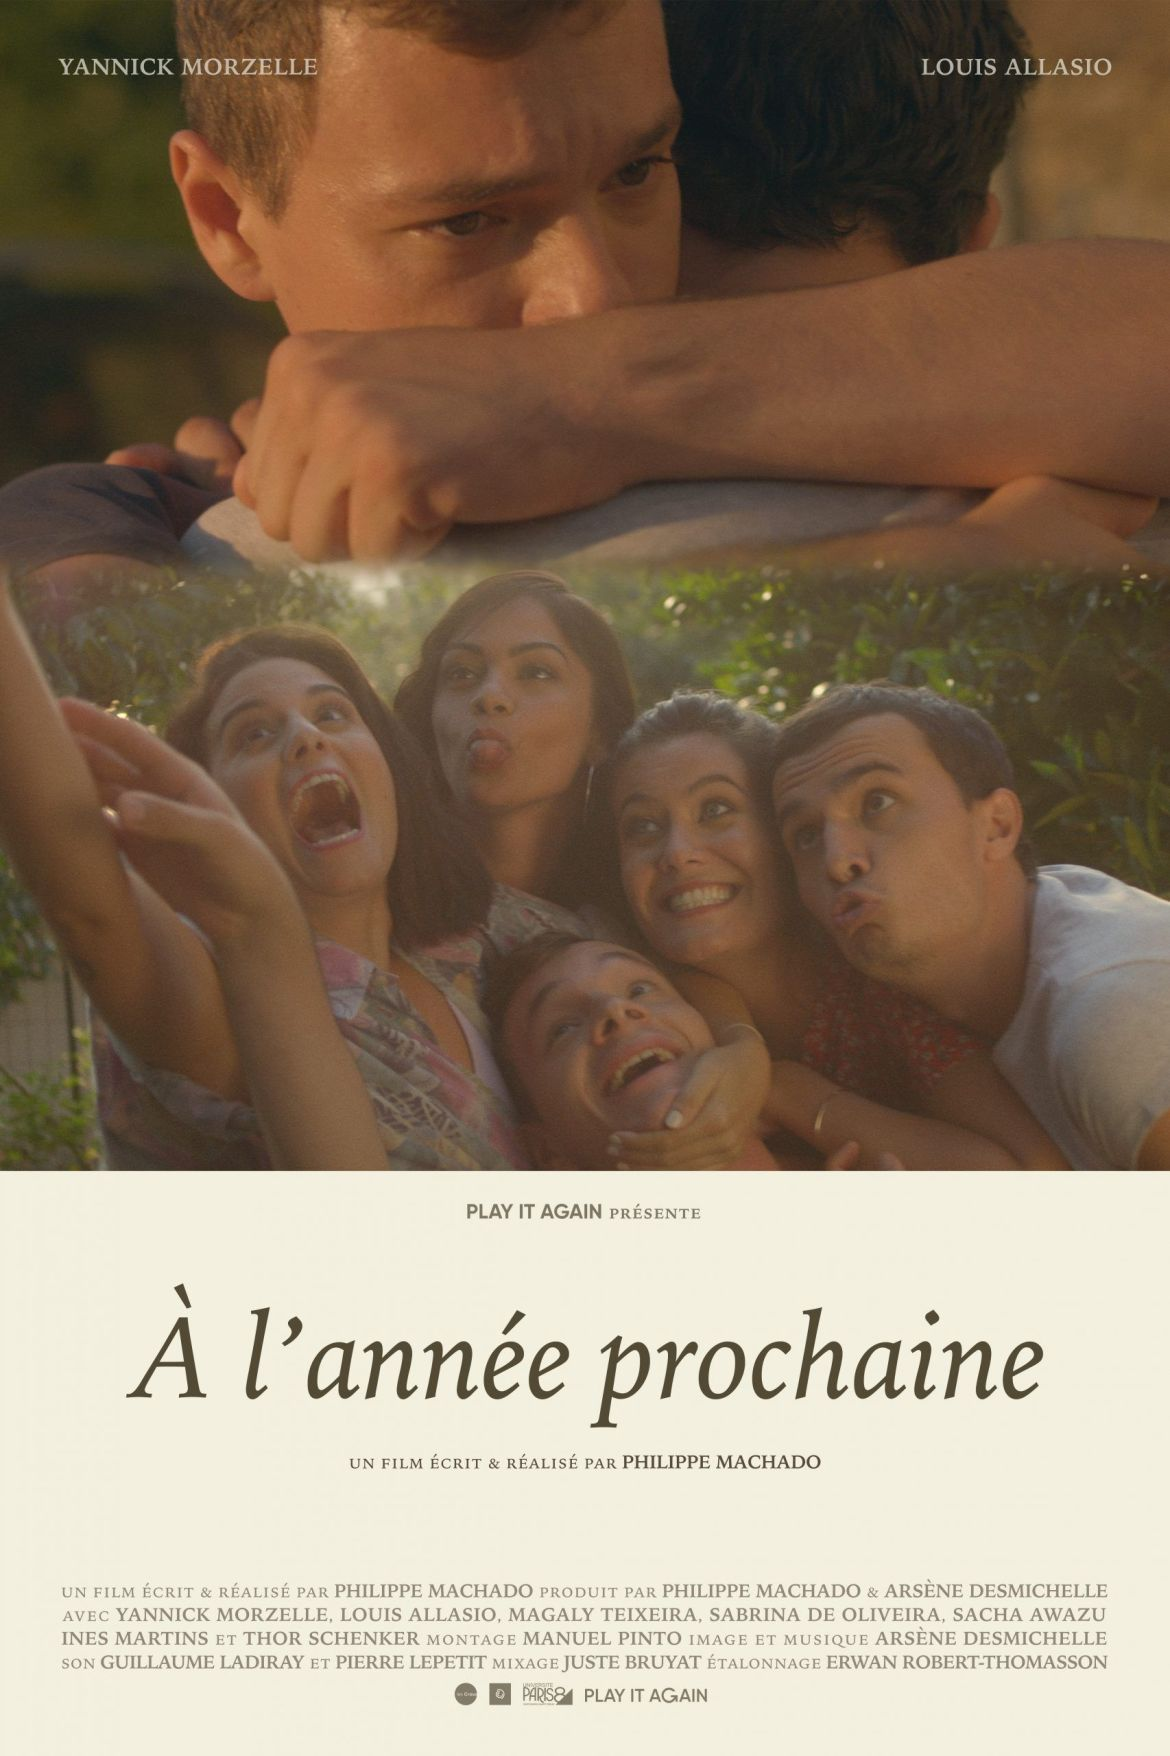 Filmin-ate-para-ano-Philippe-Machado-cartaz